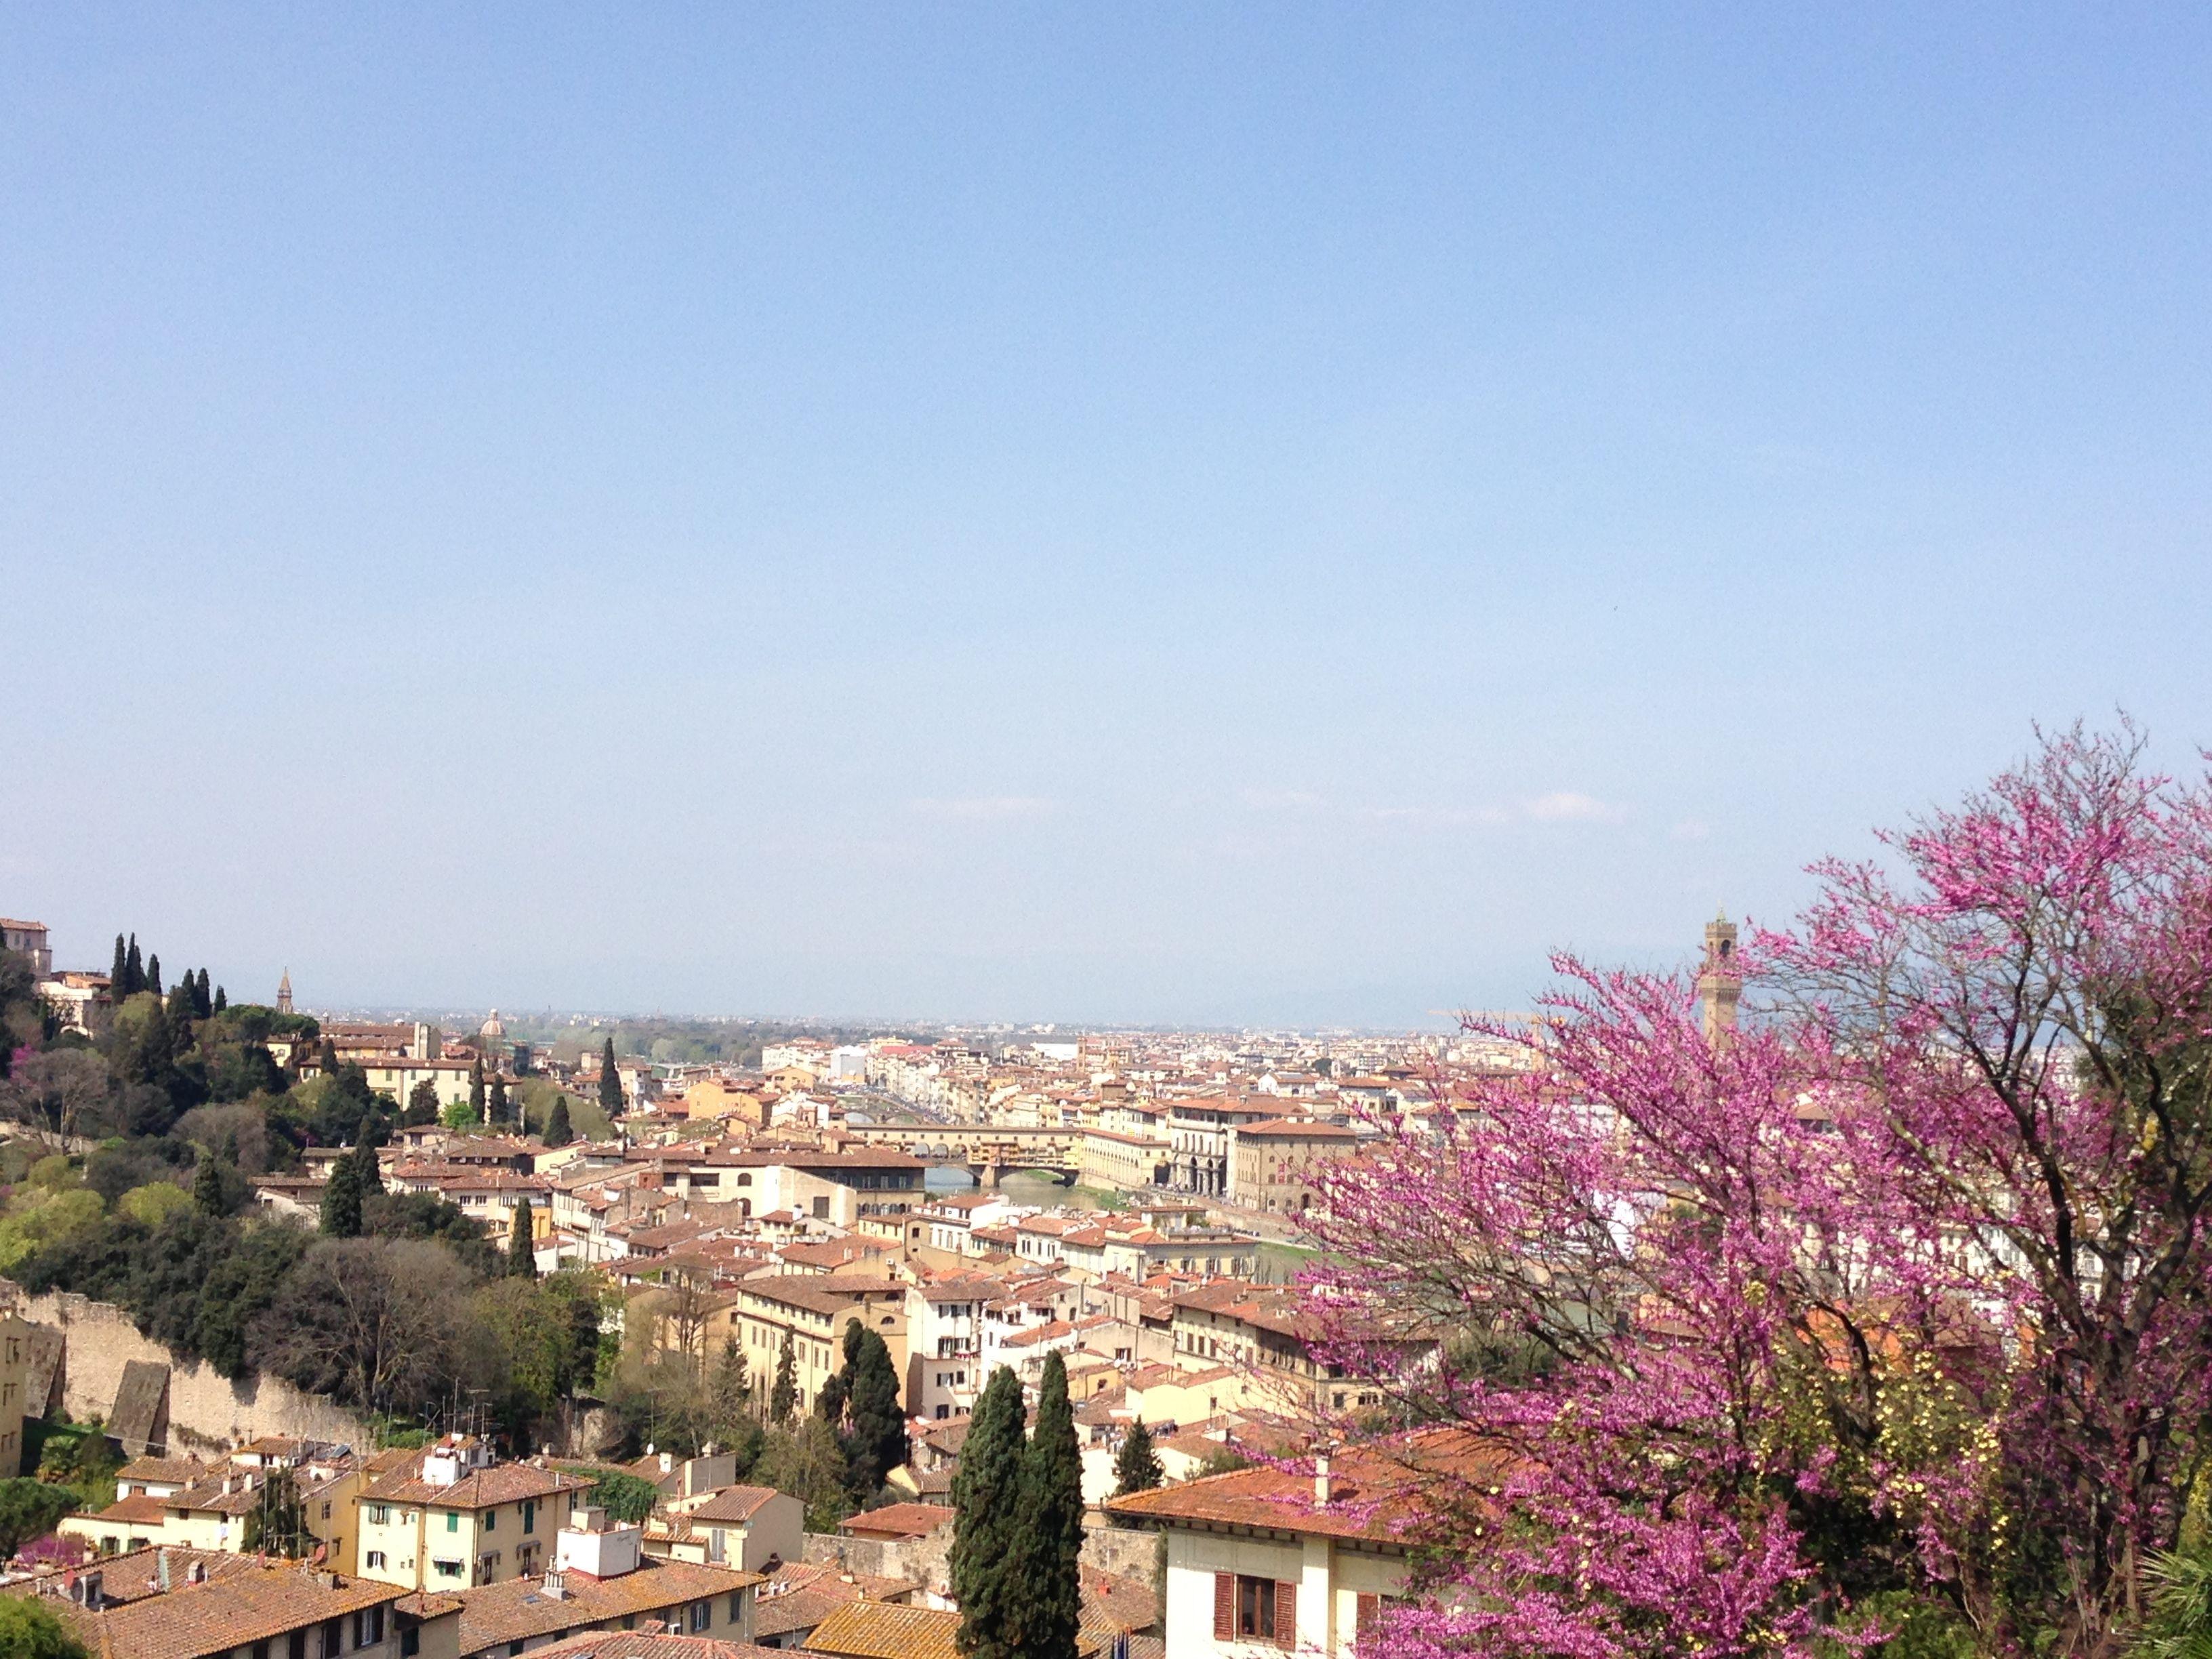 Vista di Firenze da Piazzale Michelangelo. A view of #Florence from #Piazzale #Michelangelo.